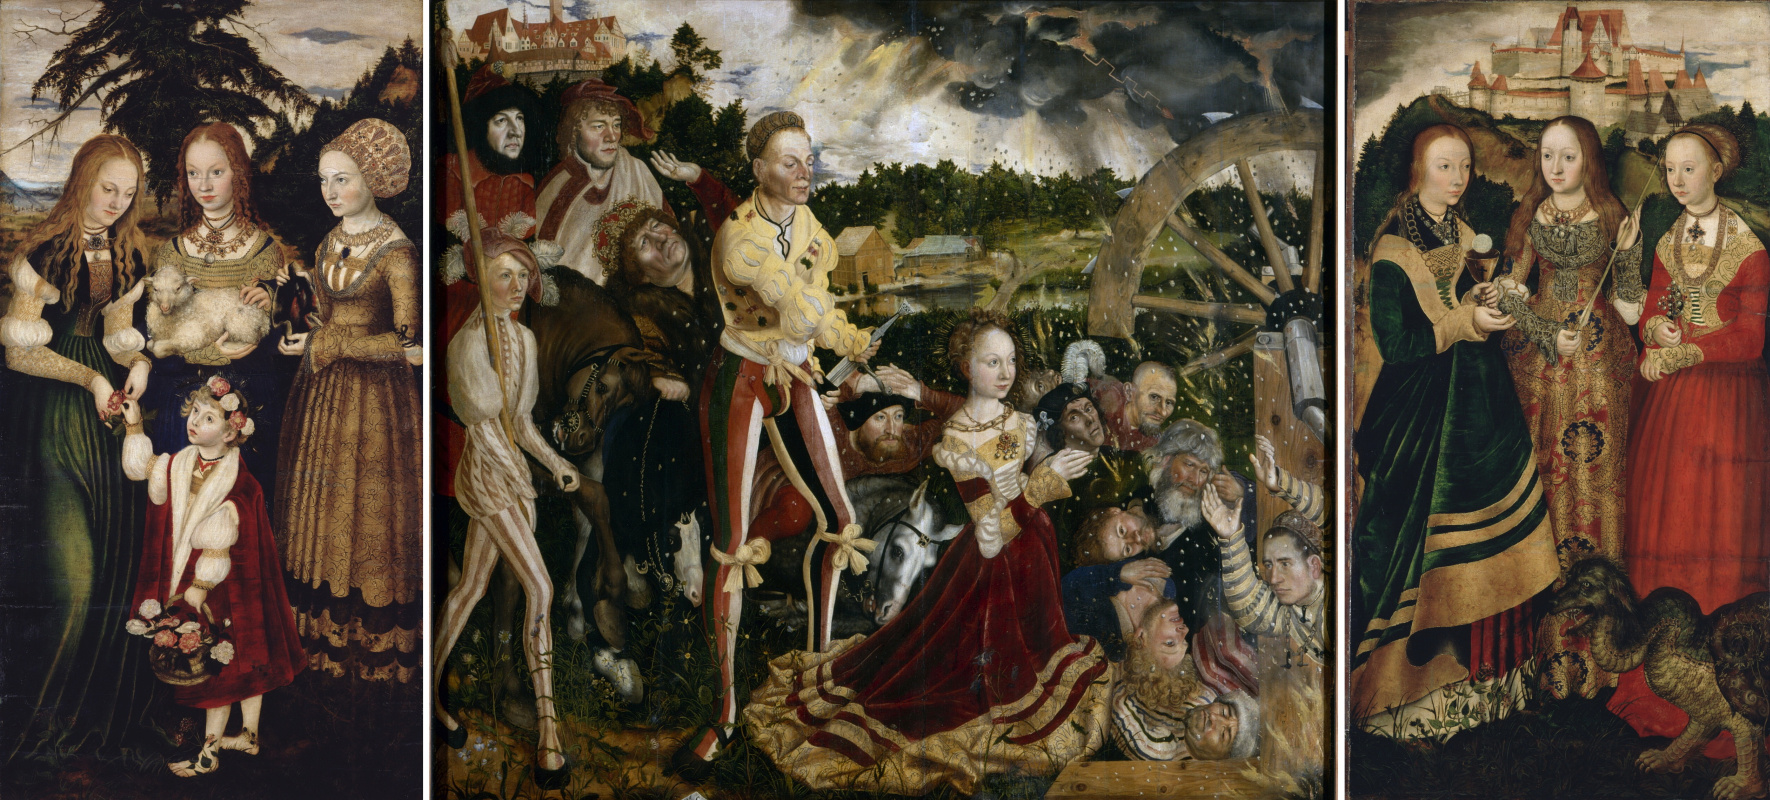 Лукас Кранах Старший. Алтарь Святой Екатерины. Центральная часть: Мученичество Святой Екатерины; левая часть: Святые Доротея, Агнесса и Кунигунда; правая часть: Святые Варвара, Урсула и Маргарита